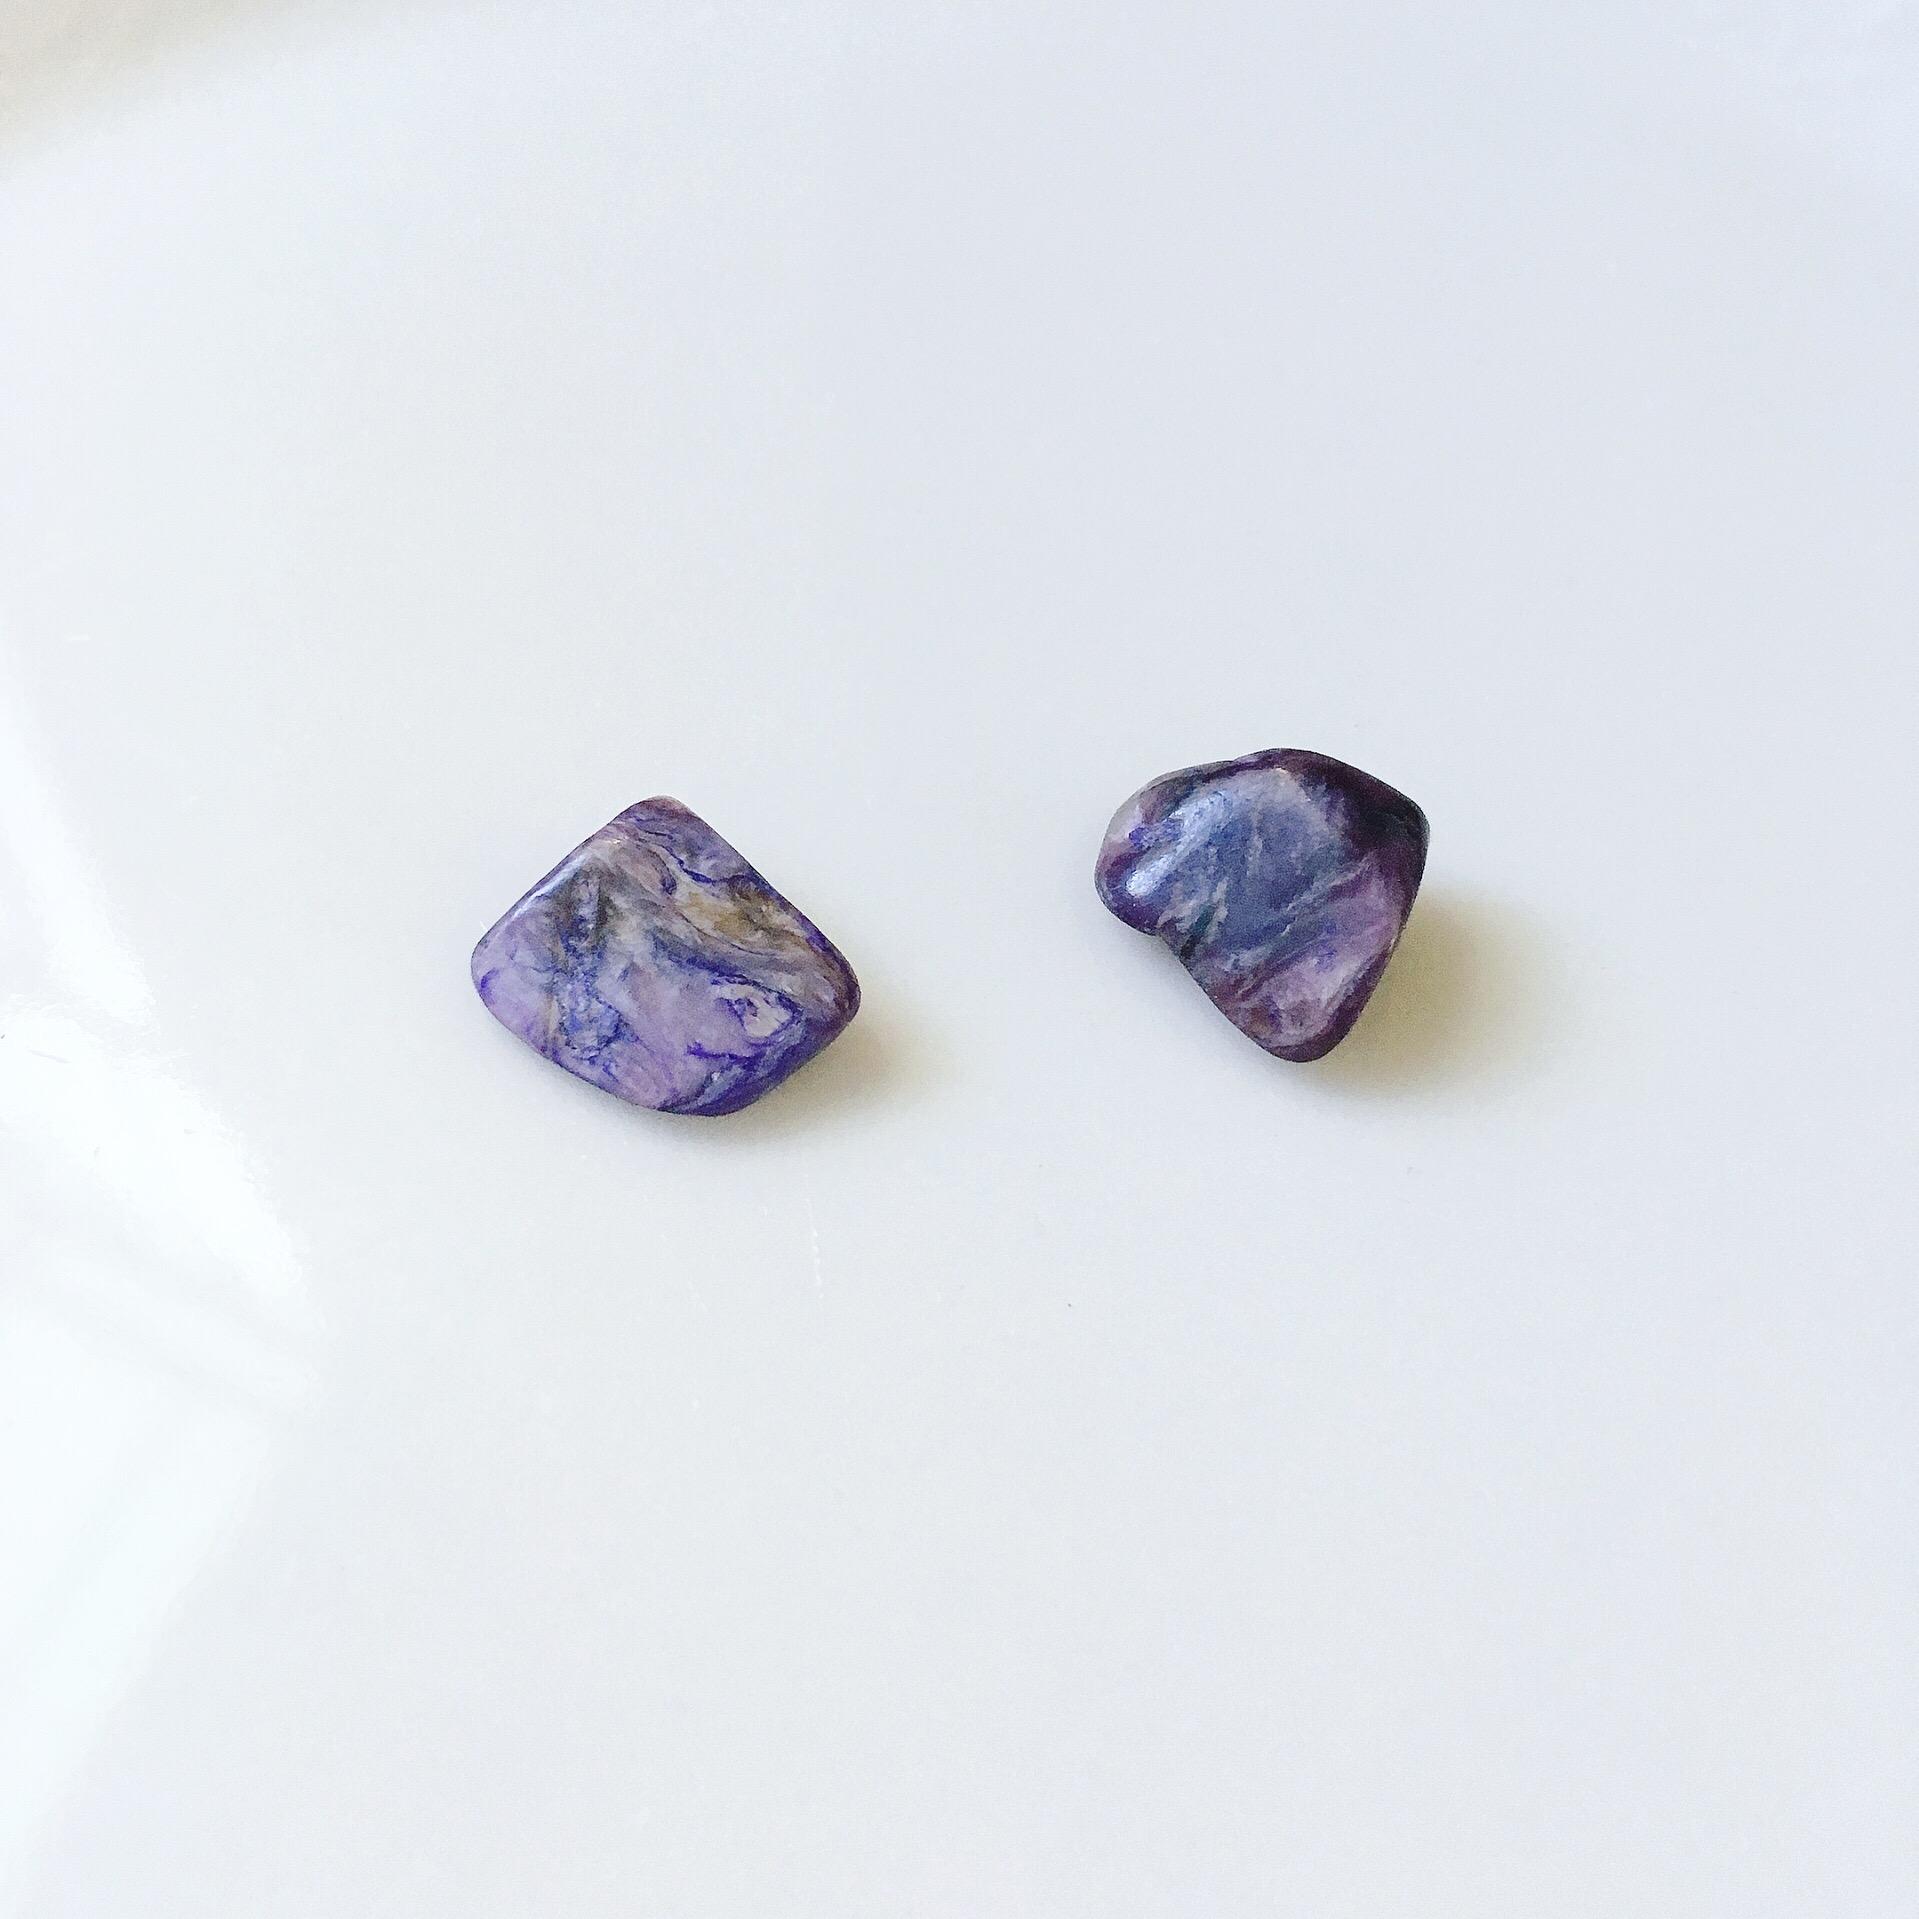 紫龍晶 原礦耳環 單支 大小約8mm